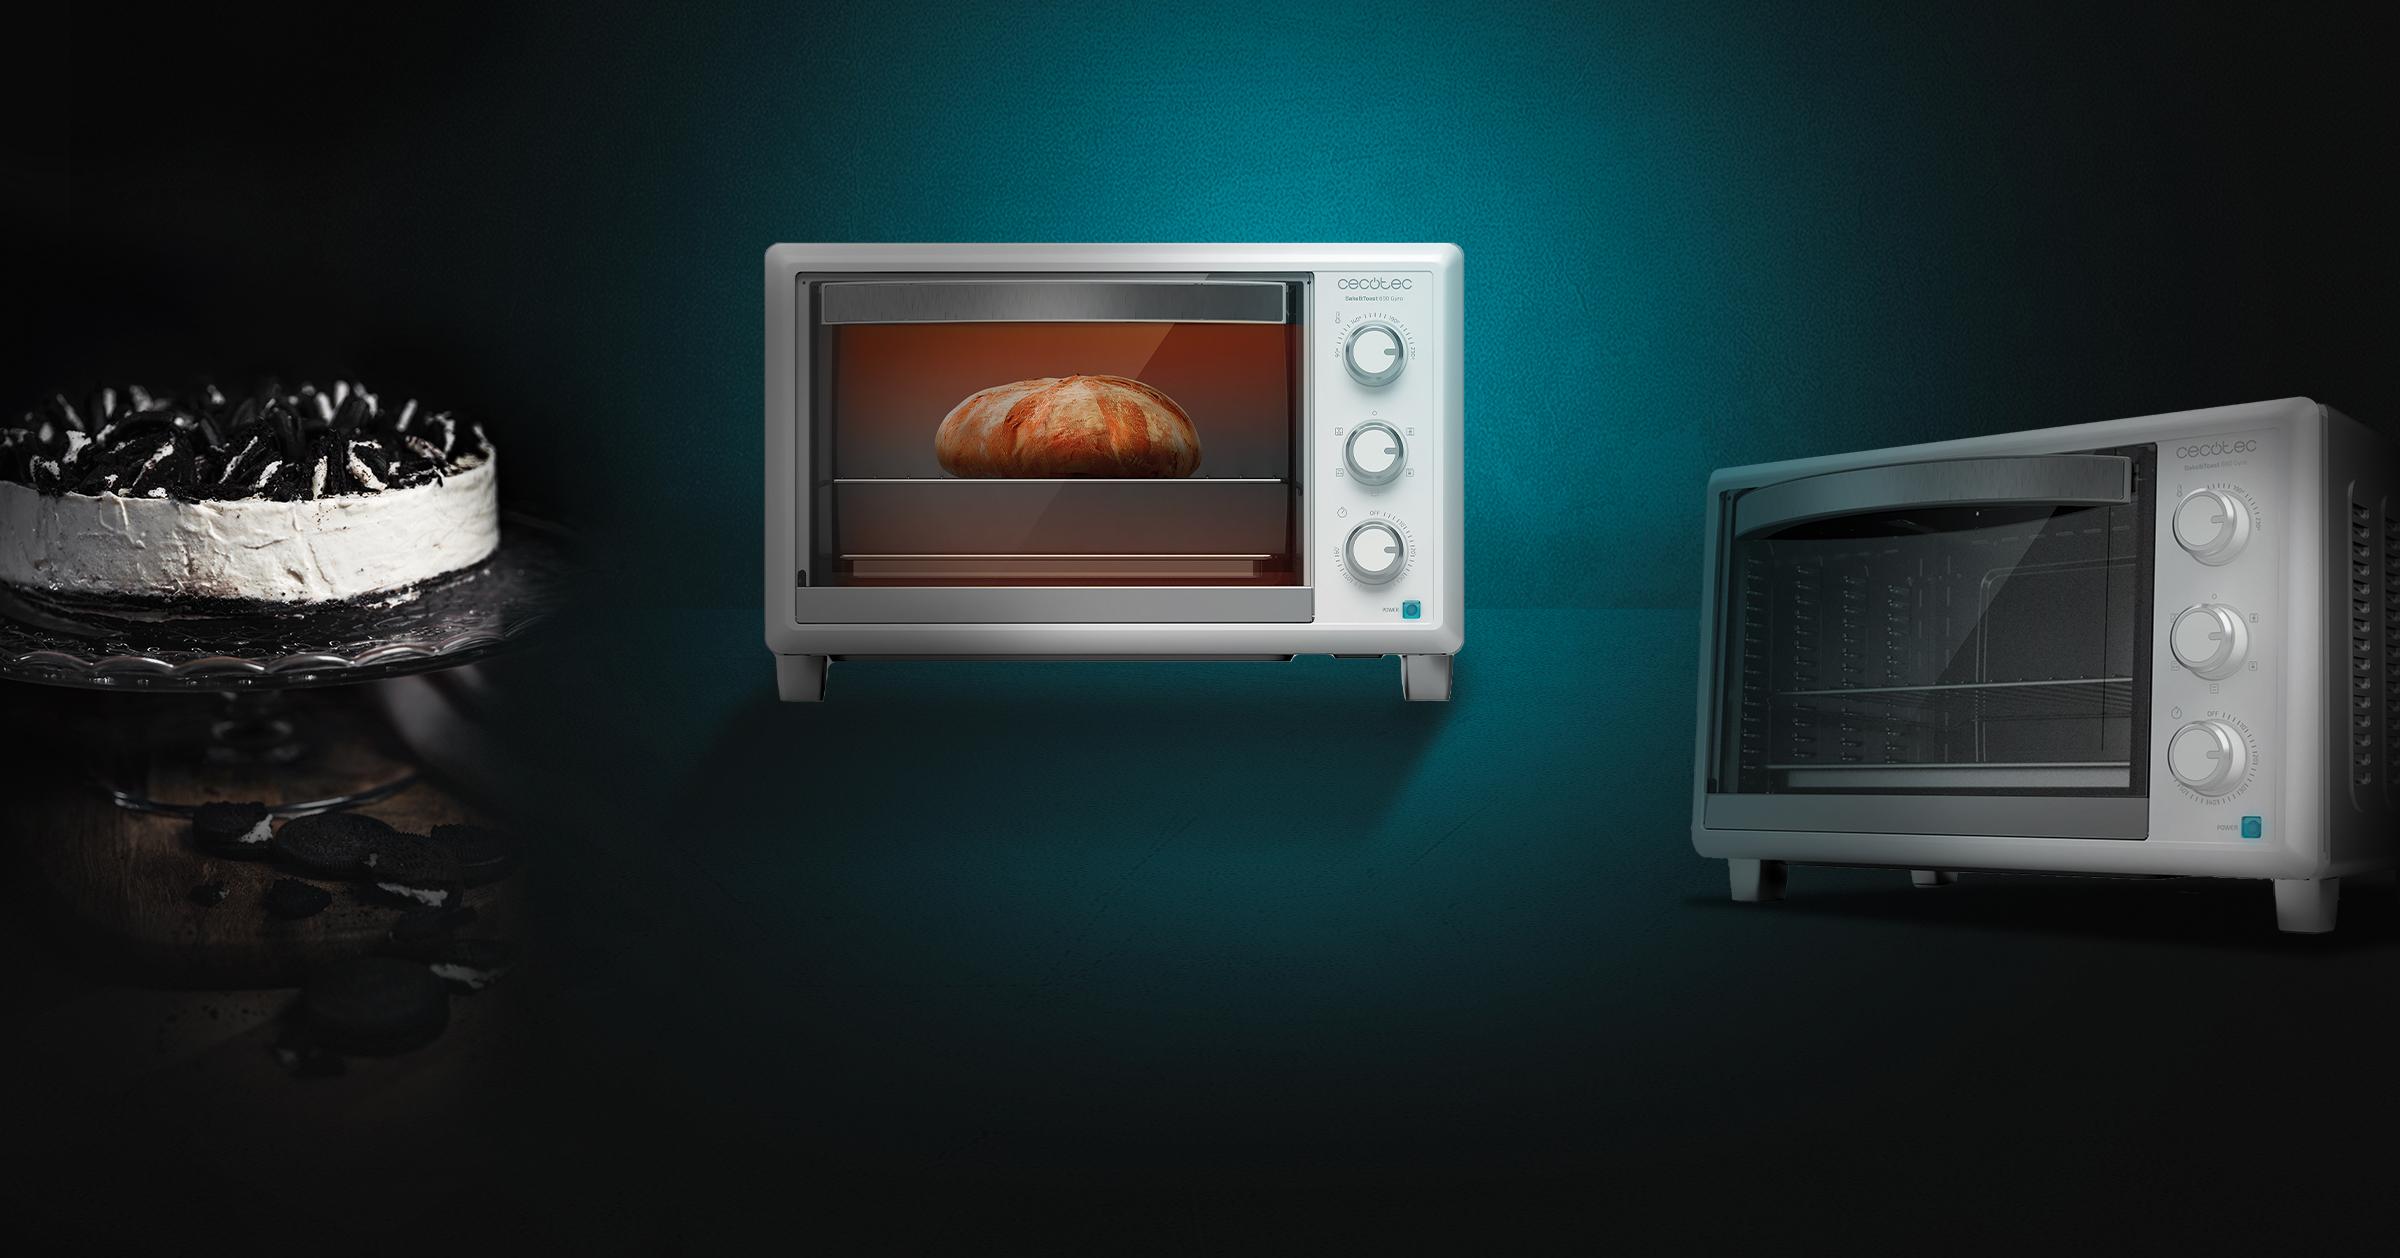 ImageHL_2208_Bake&Toast690Gyro_web_cecotec_LB